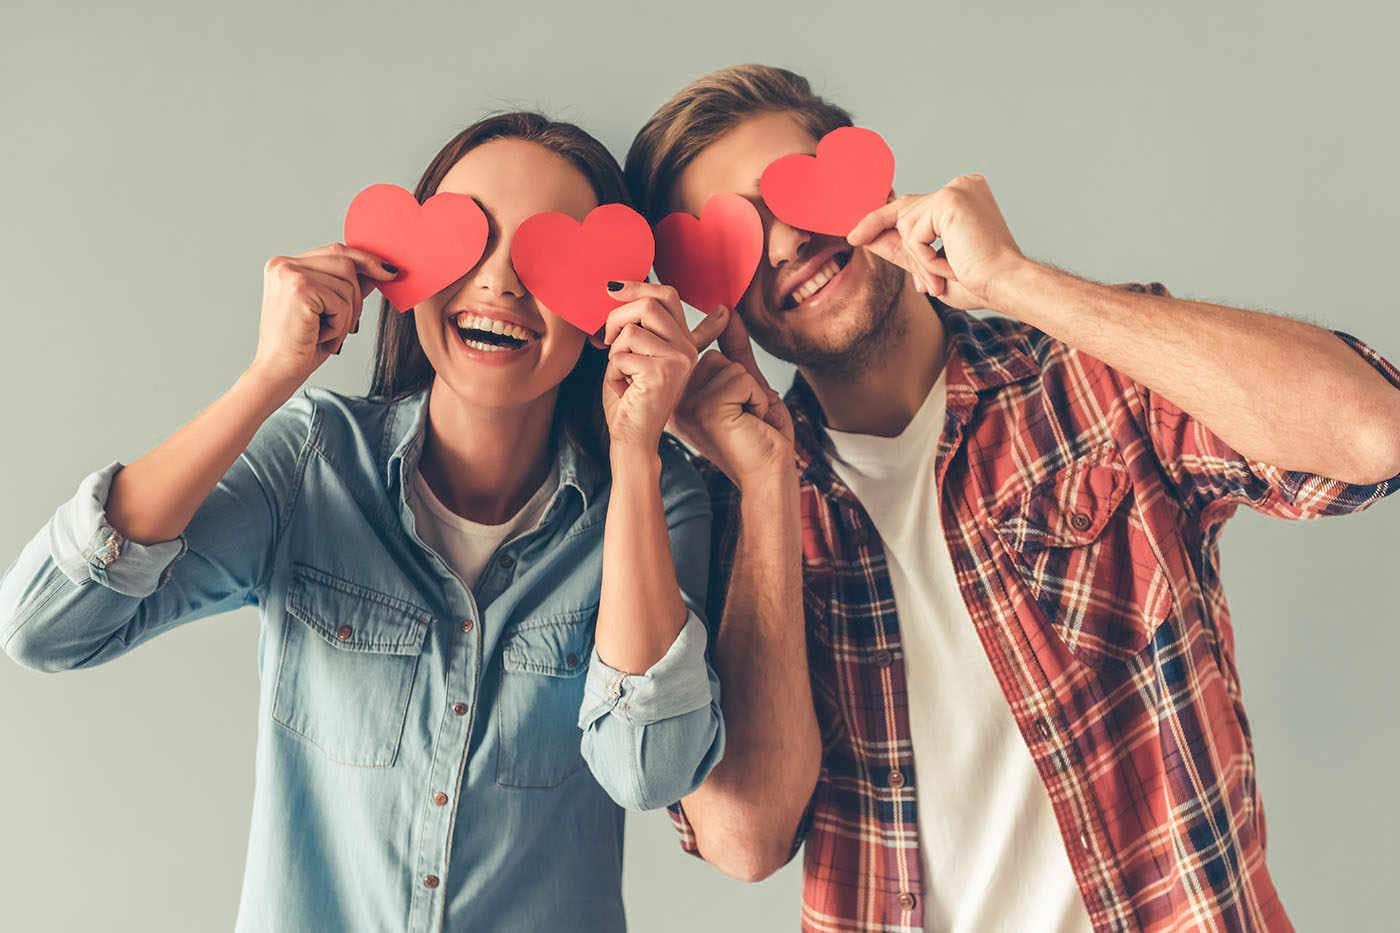 Ziua Îndrăgostiților: 20 de gesturi simple prin care îți arăți iubirea